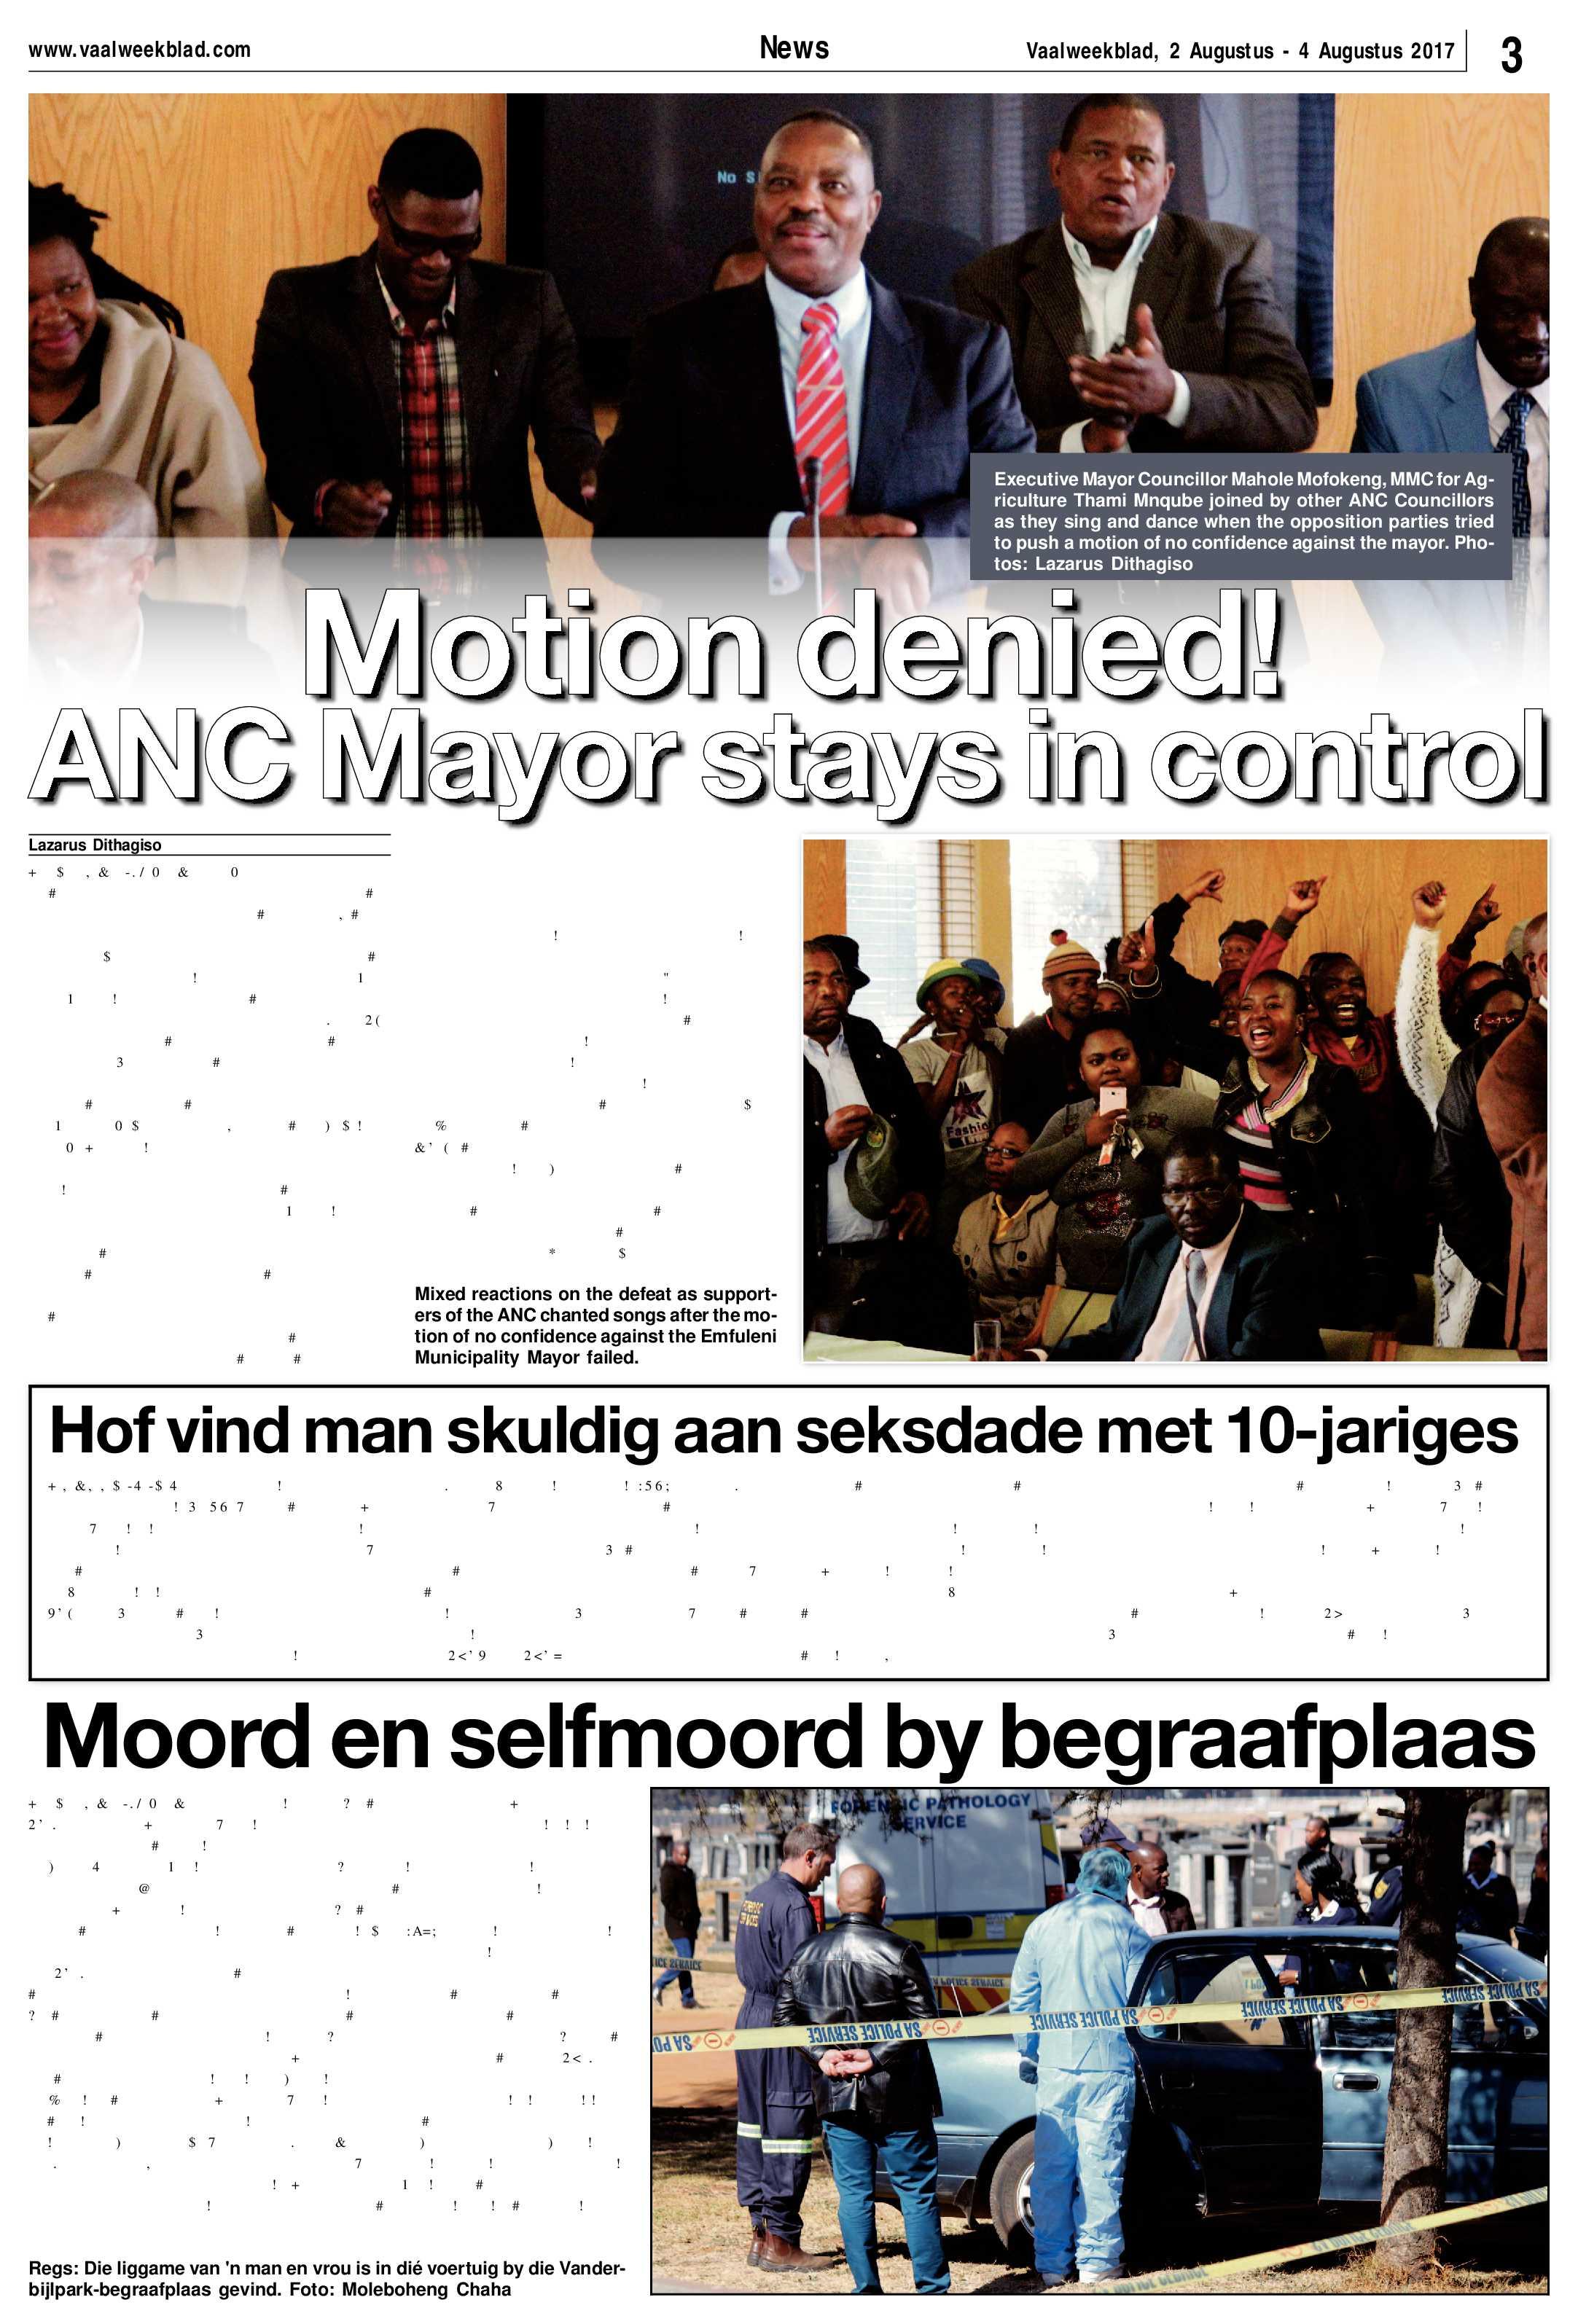 vaalweekblad-2-4-augustus-2017-epapers-page-3